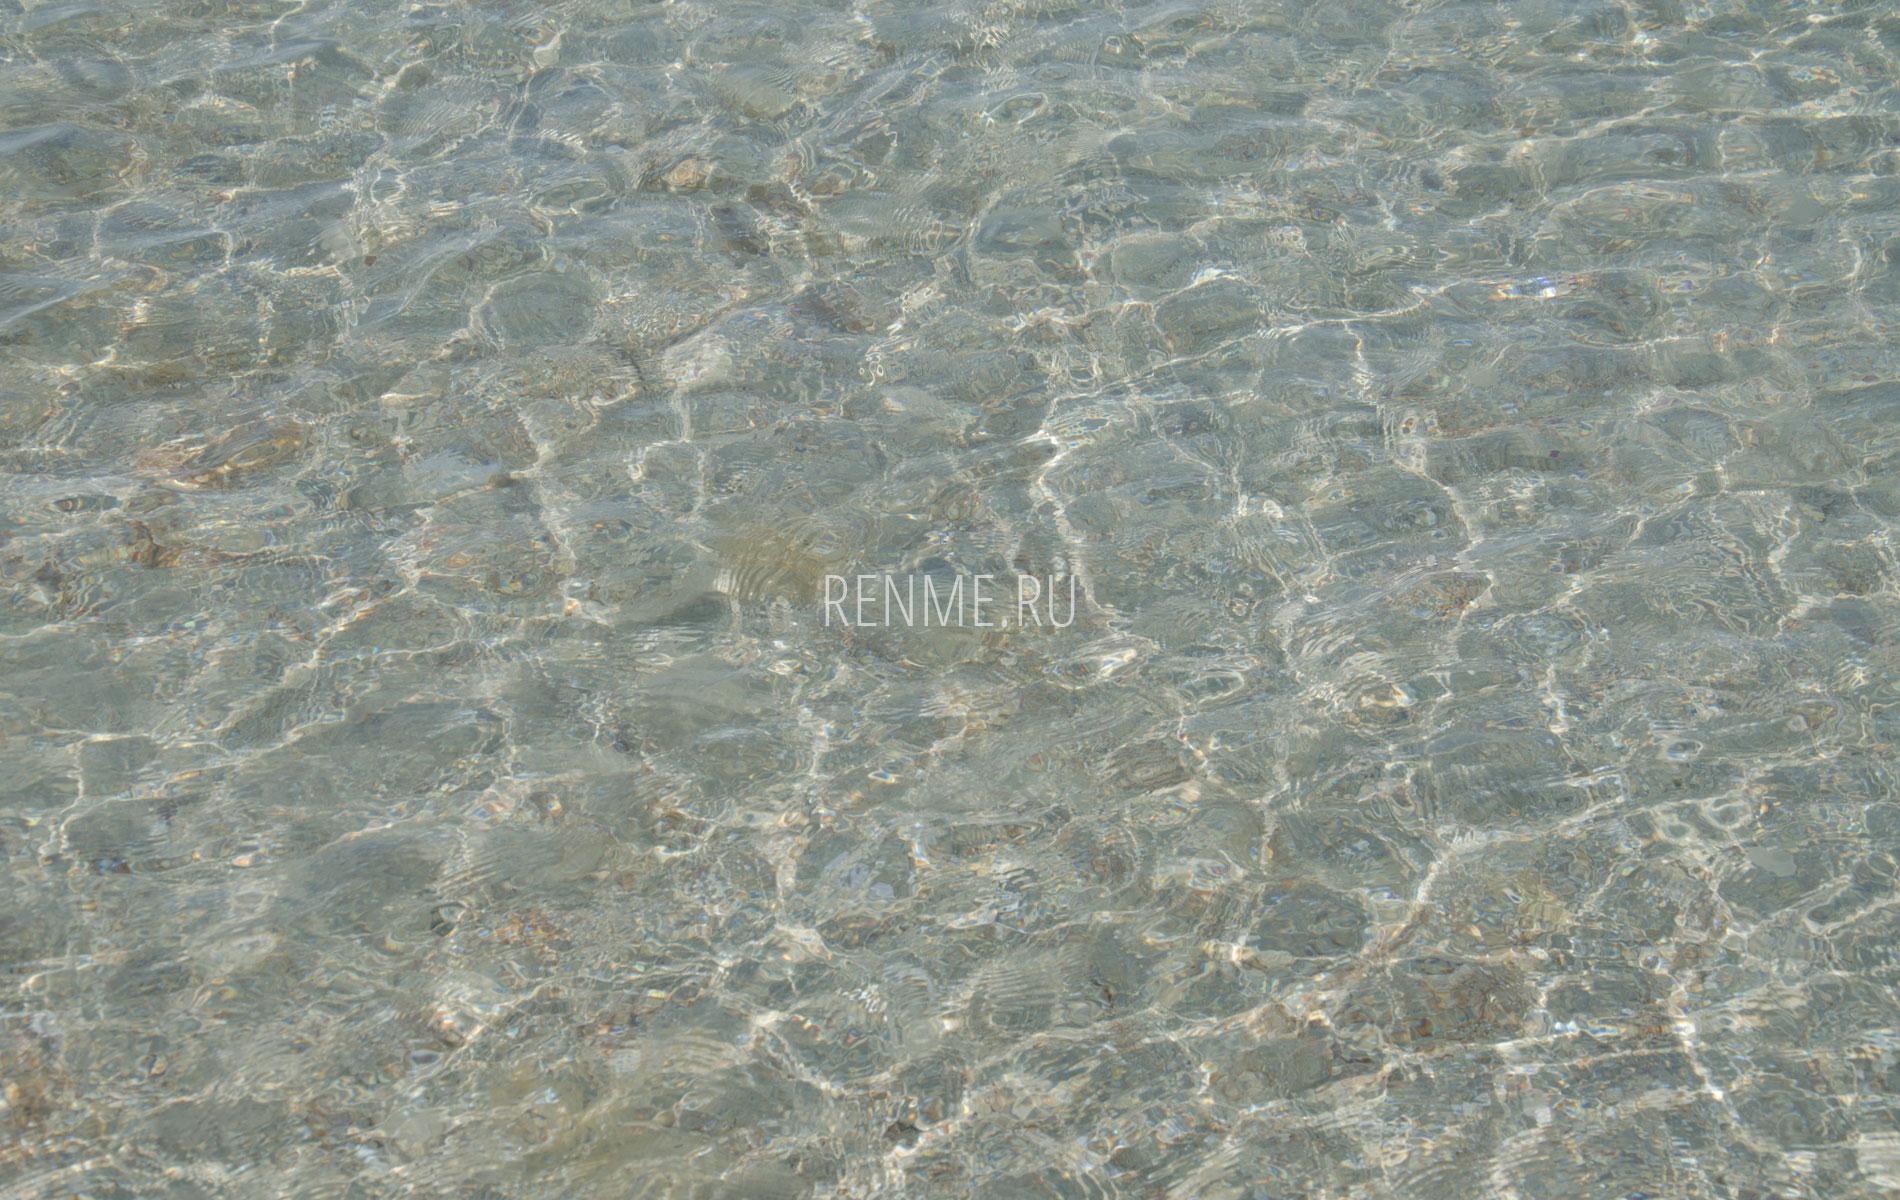 Пляж с чистым морем. Фото Штормового